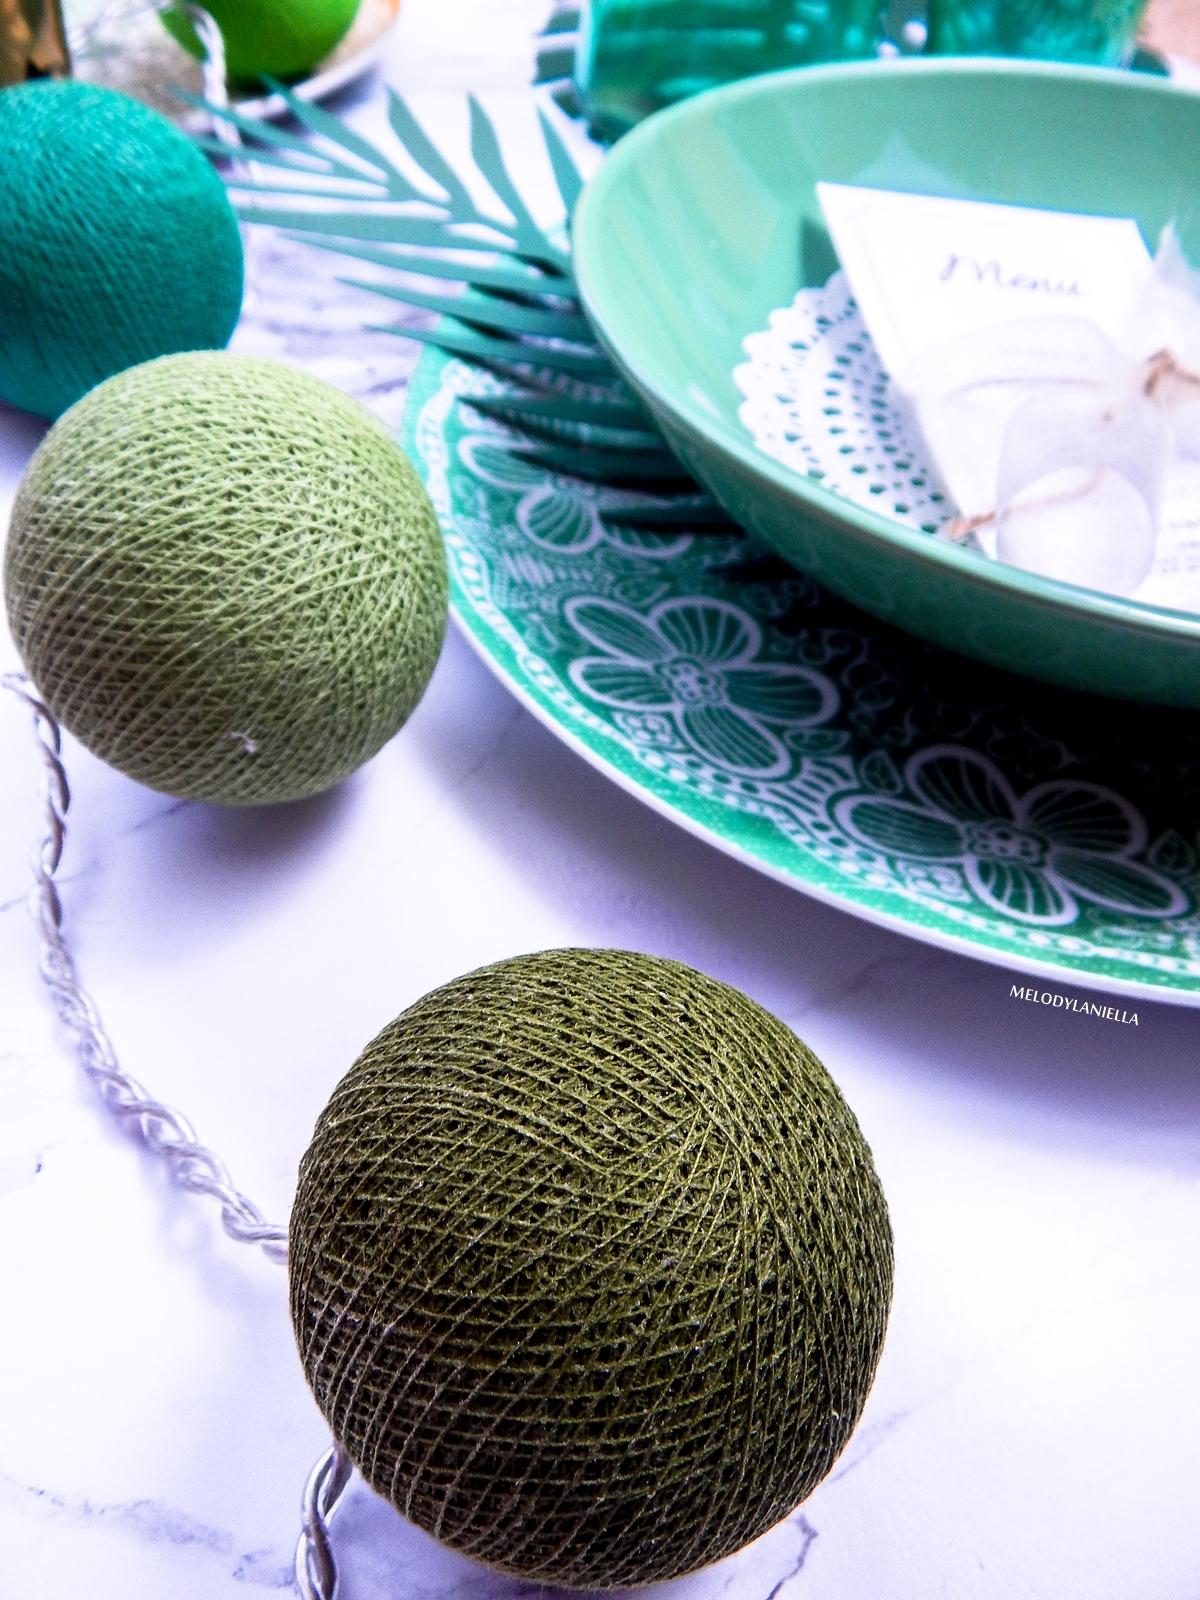 3 zielone cottonballs zielona zastawa stolowa we wzory marmurowy stół jak udekorować stół z okazji partybox dodatki do wnętrz i mieszkań ciekawe stylizacje stołów na święta wesele party urodziny imprezy